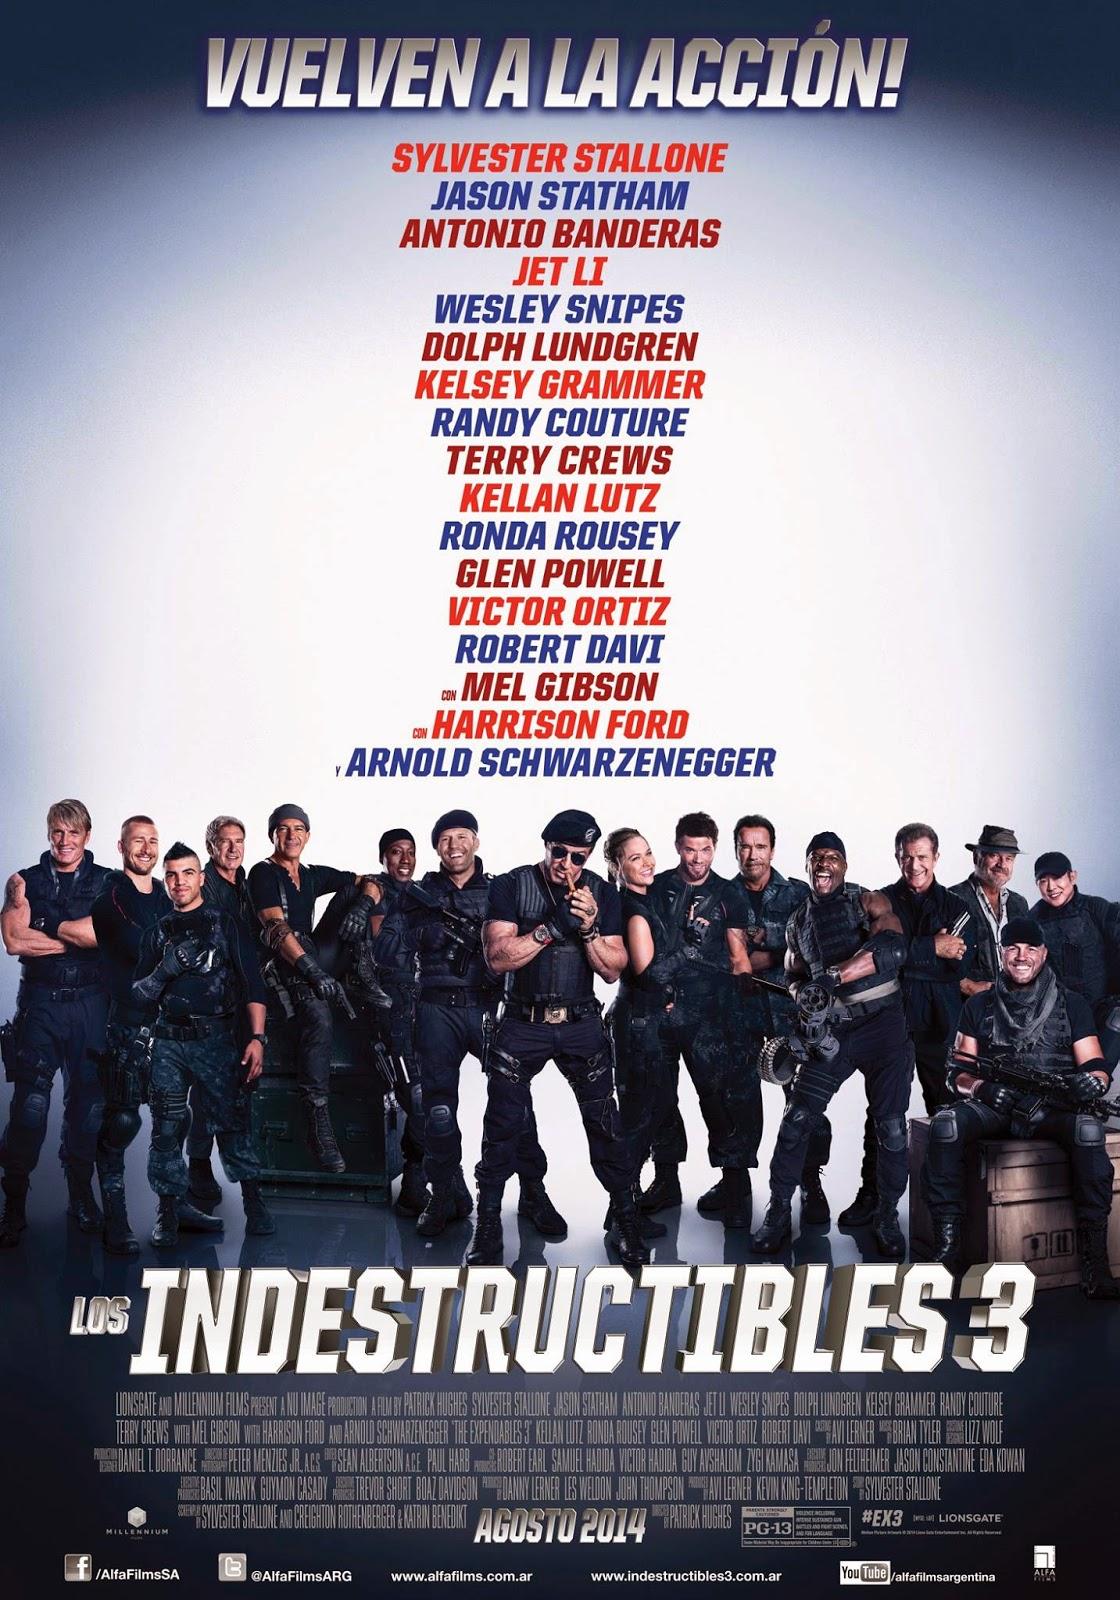 los indestructibles 3 doblaje wiki fandom powered by wikia